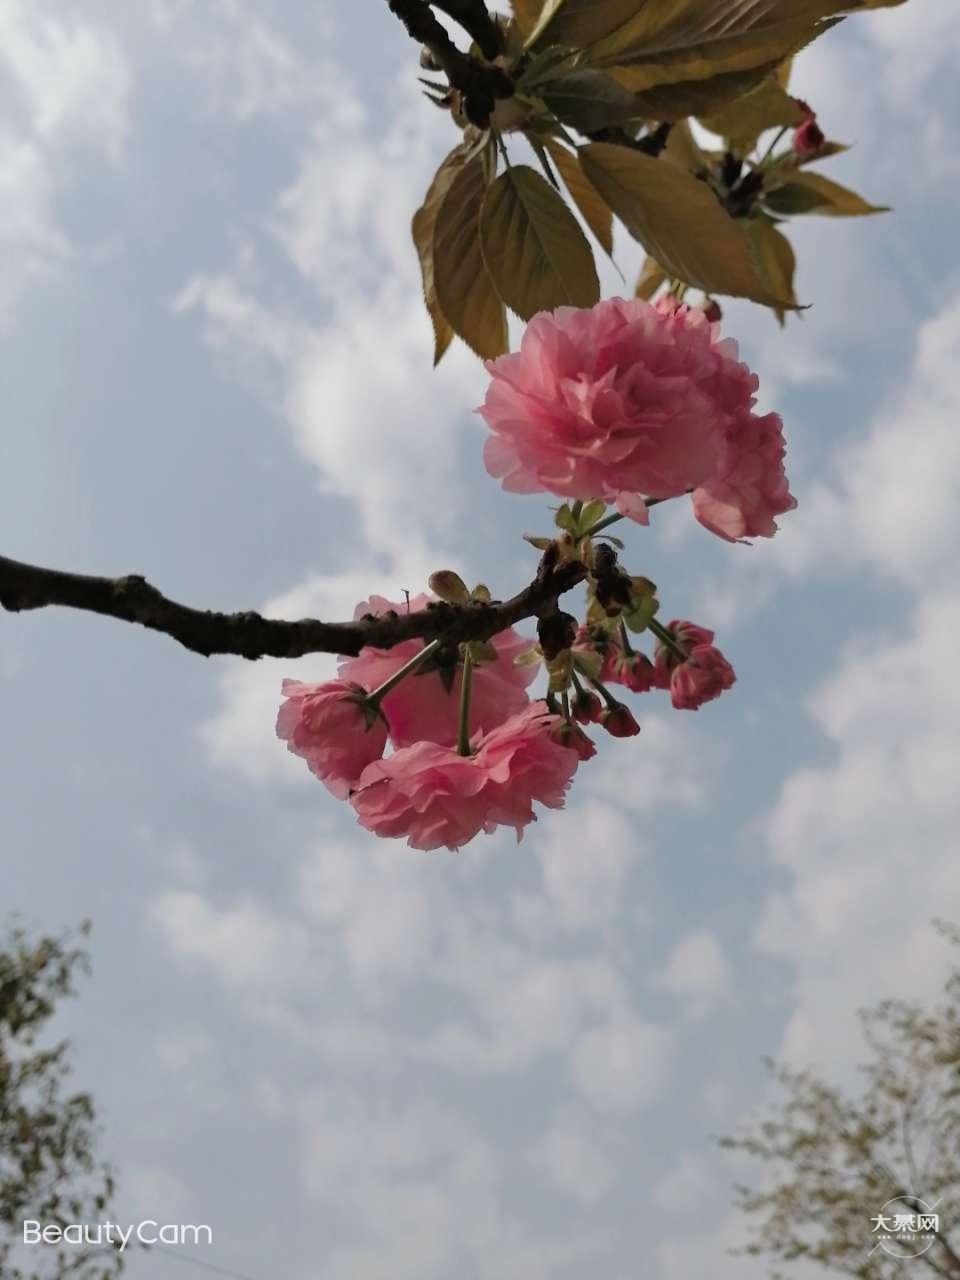 樱花开了,樱花山,人好多